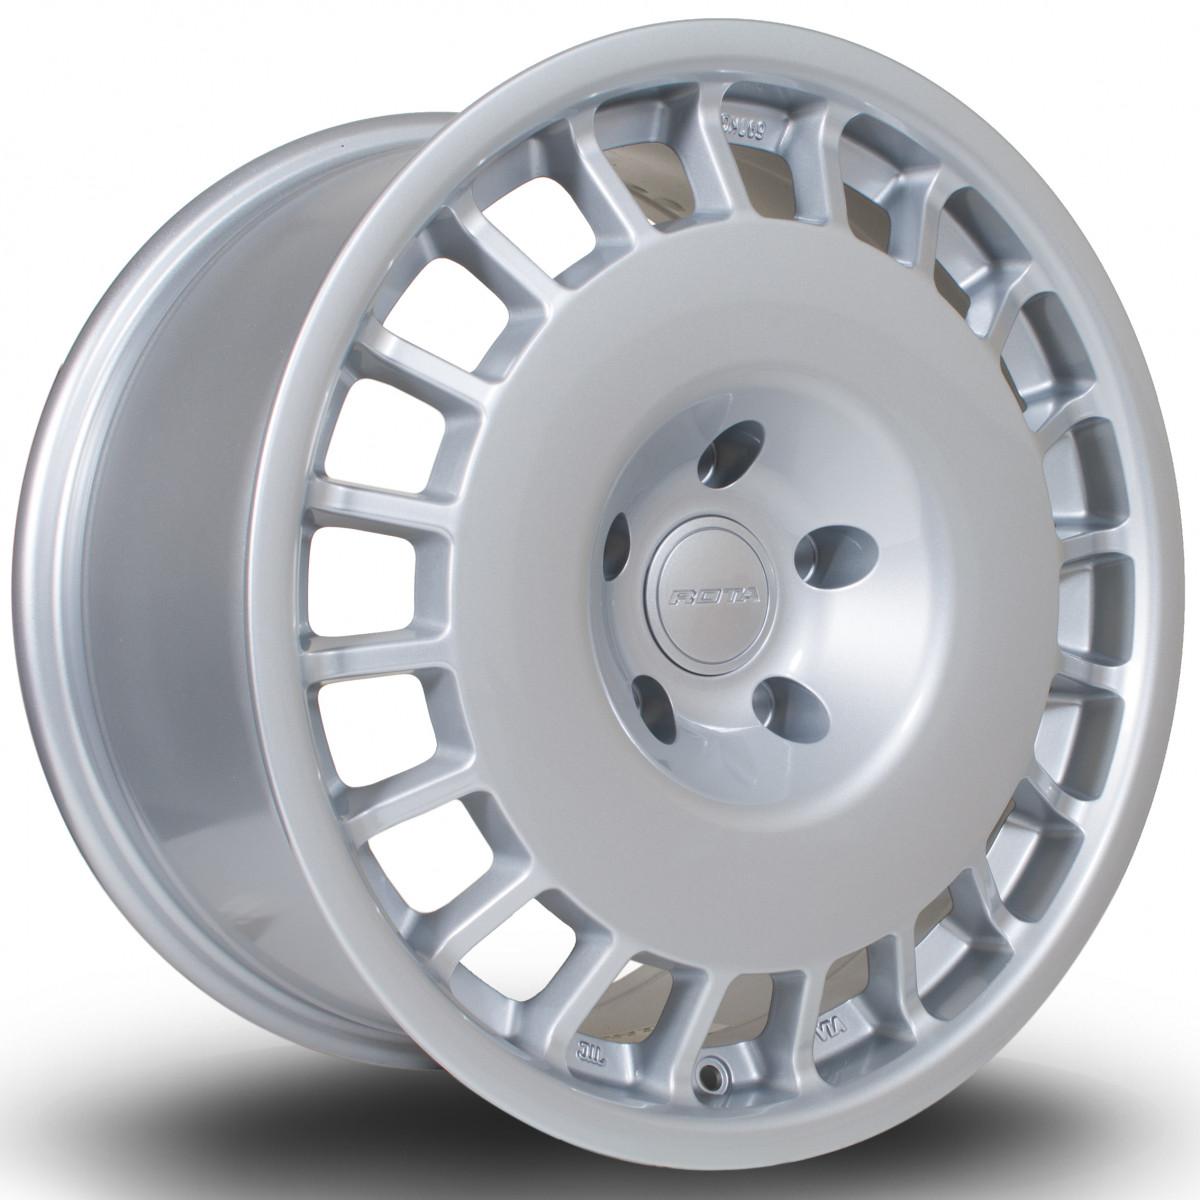 D154 17x8.5 5x100 ET35 Silver